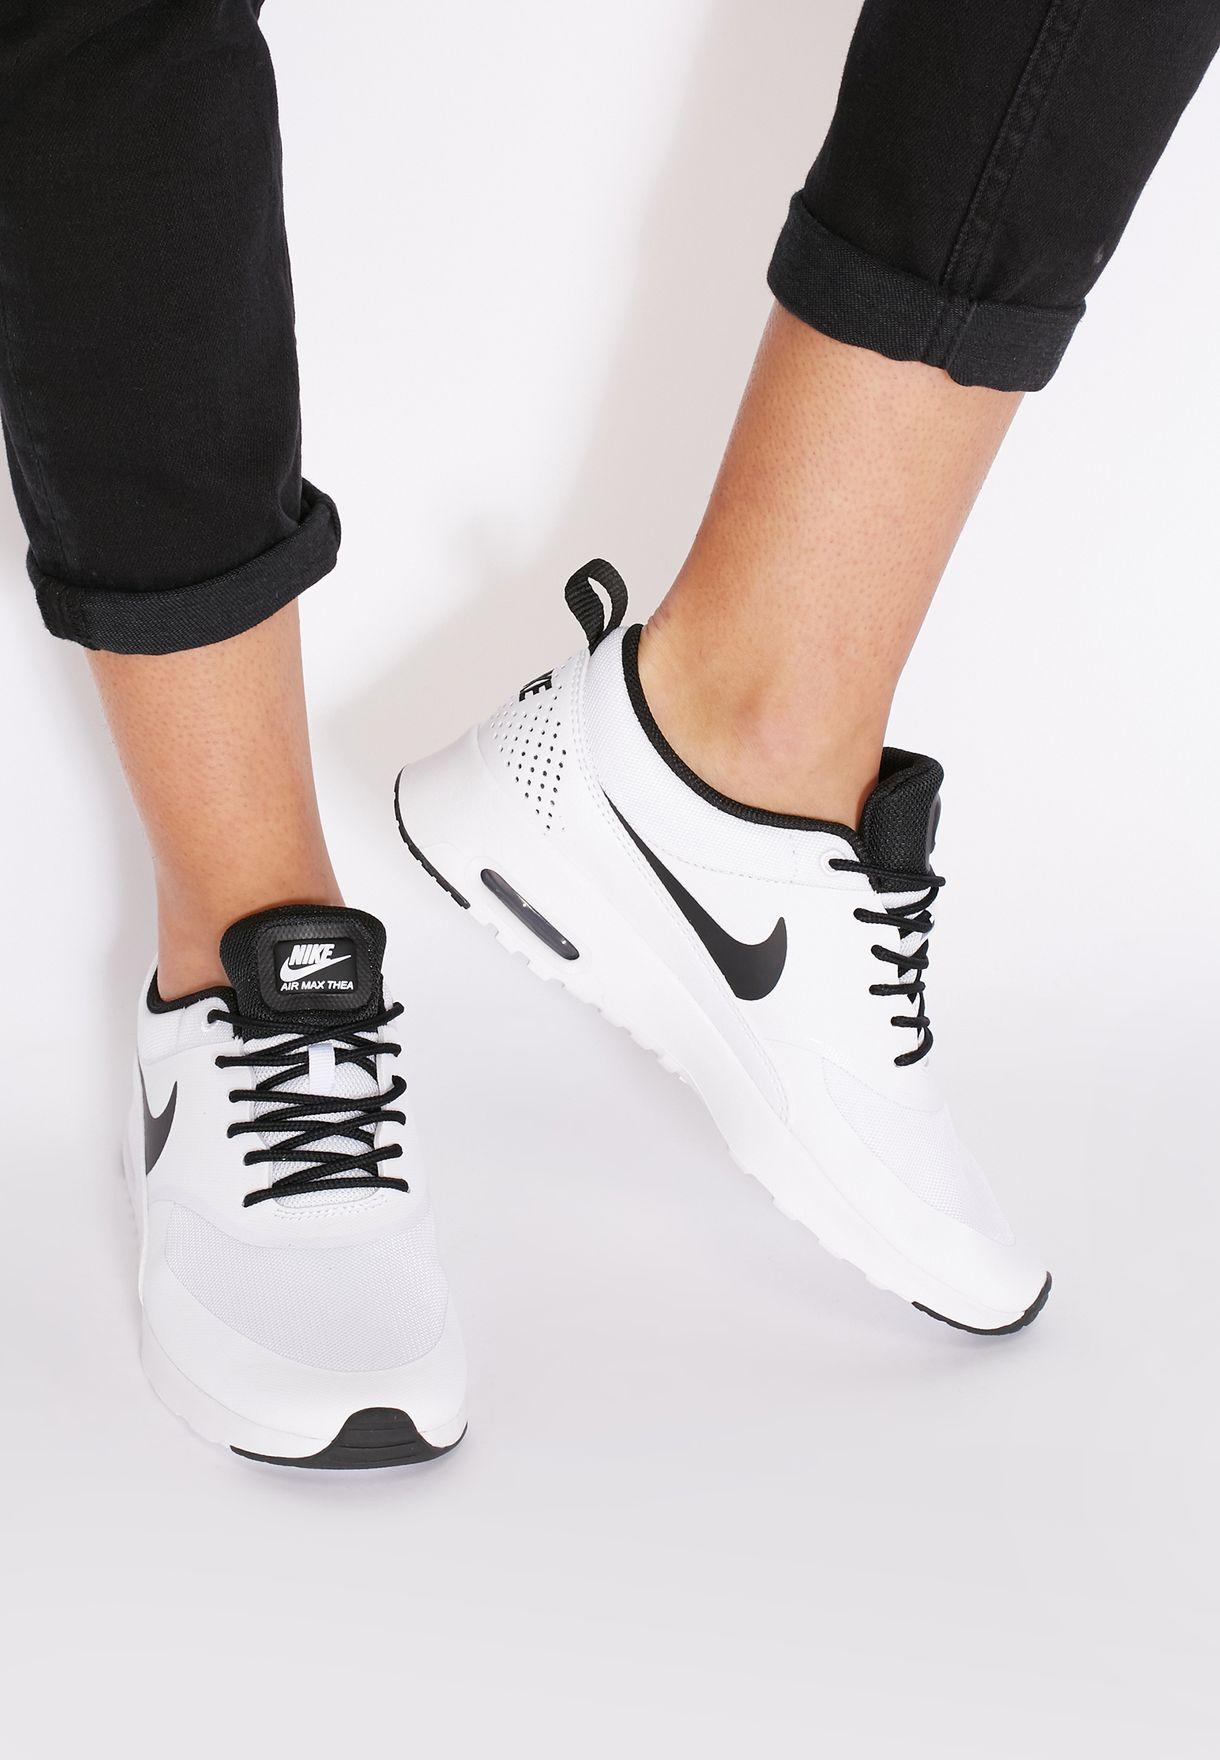 designer fashion a0479 cc2c3 Nike. Air Max Thea